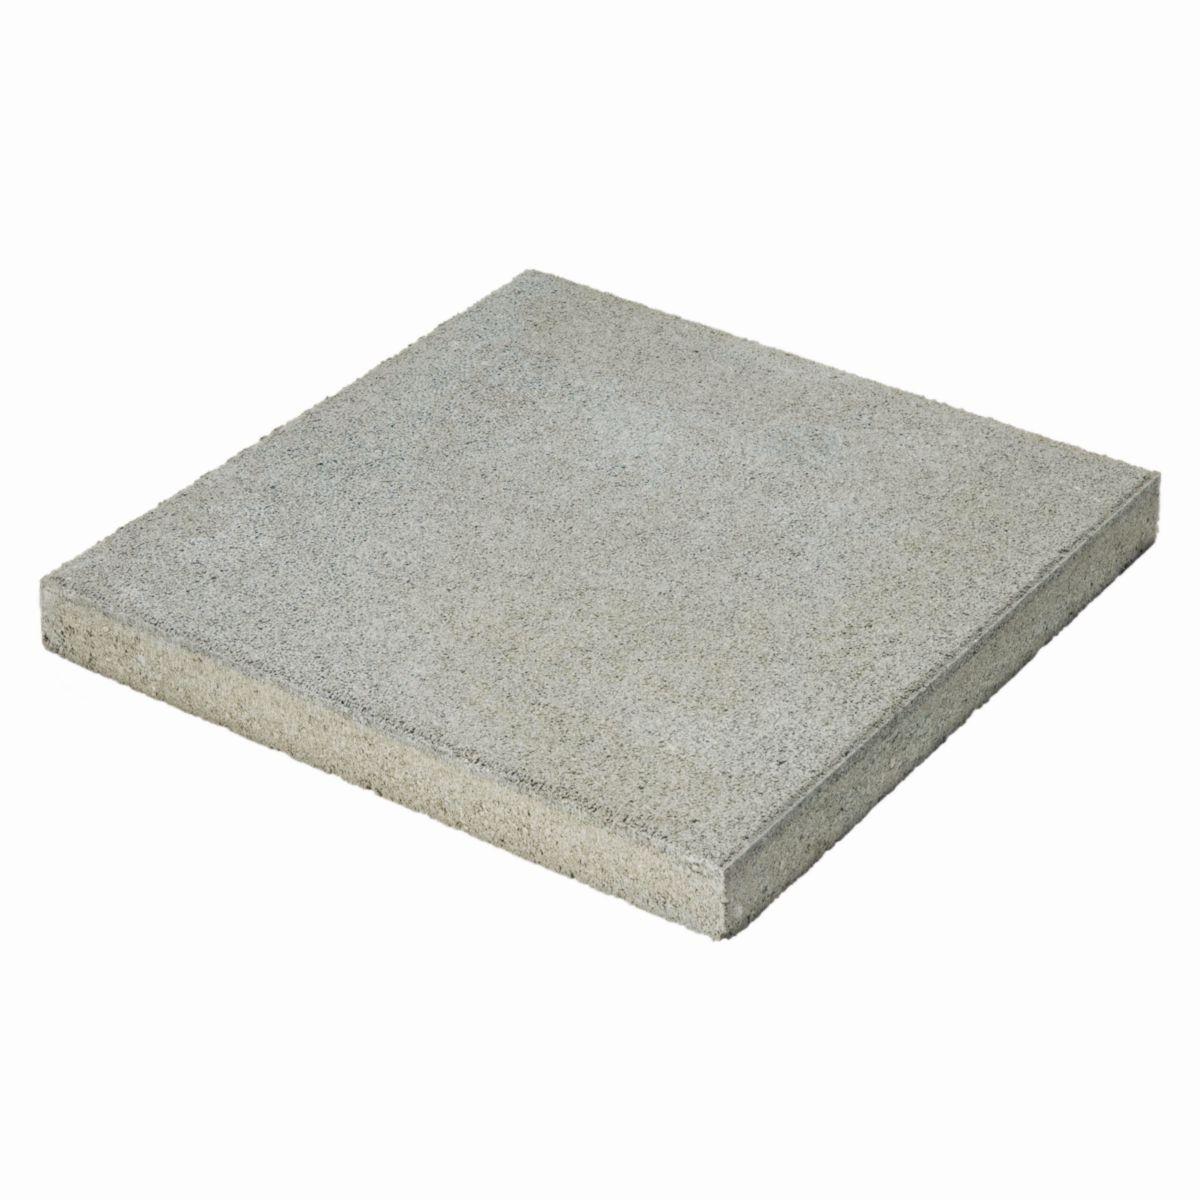 BIRKENMEIER - Dalle béton lisse - gris - 9x9 cm - ép 9,9 cm